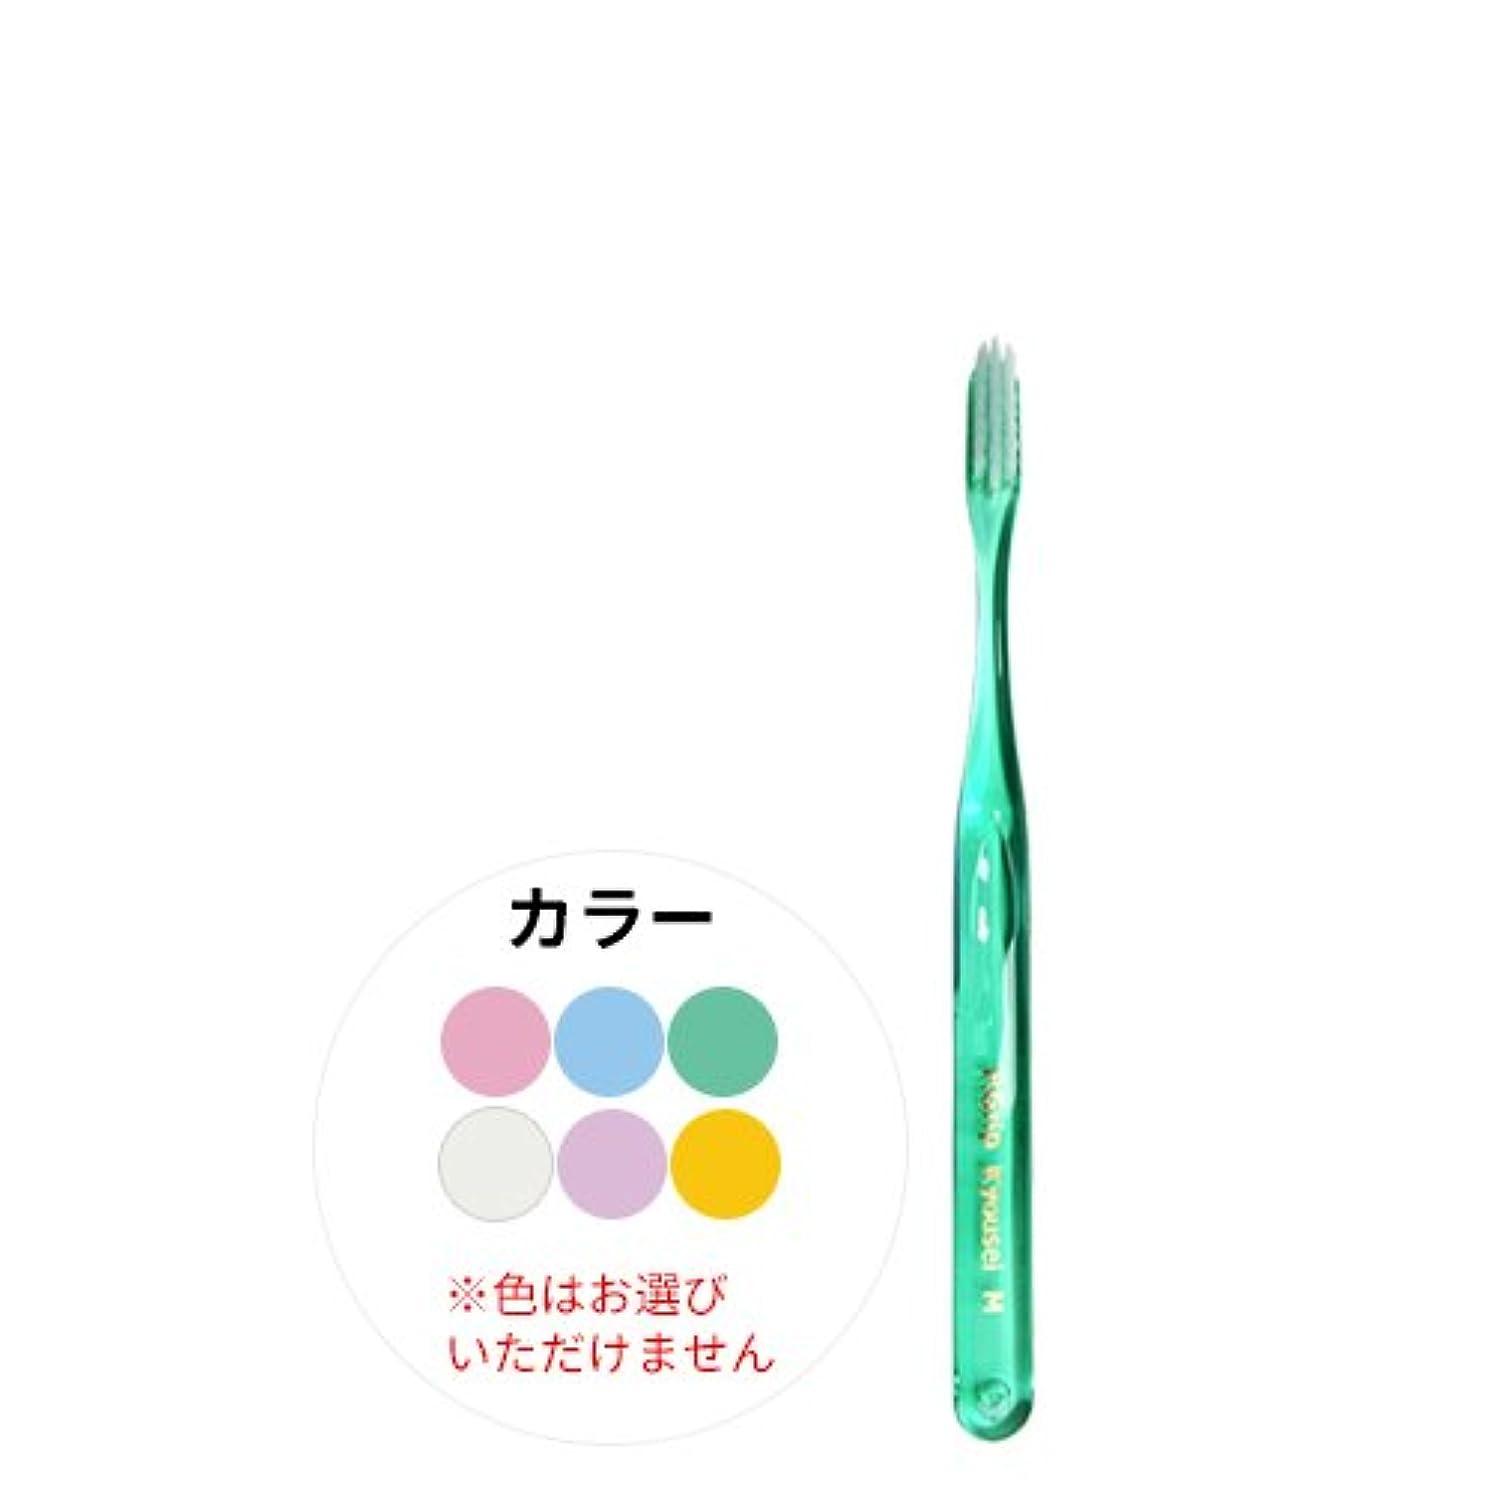 デュアルアーカイブハッチP.D.R.(ピーディーアール) P.Grip(ピーグリップ)矯正用 四段植毛 歯ブラシ × 1本